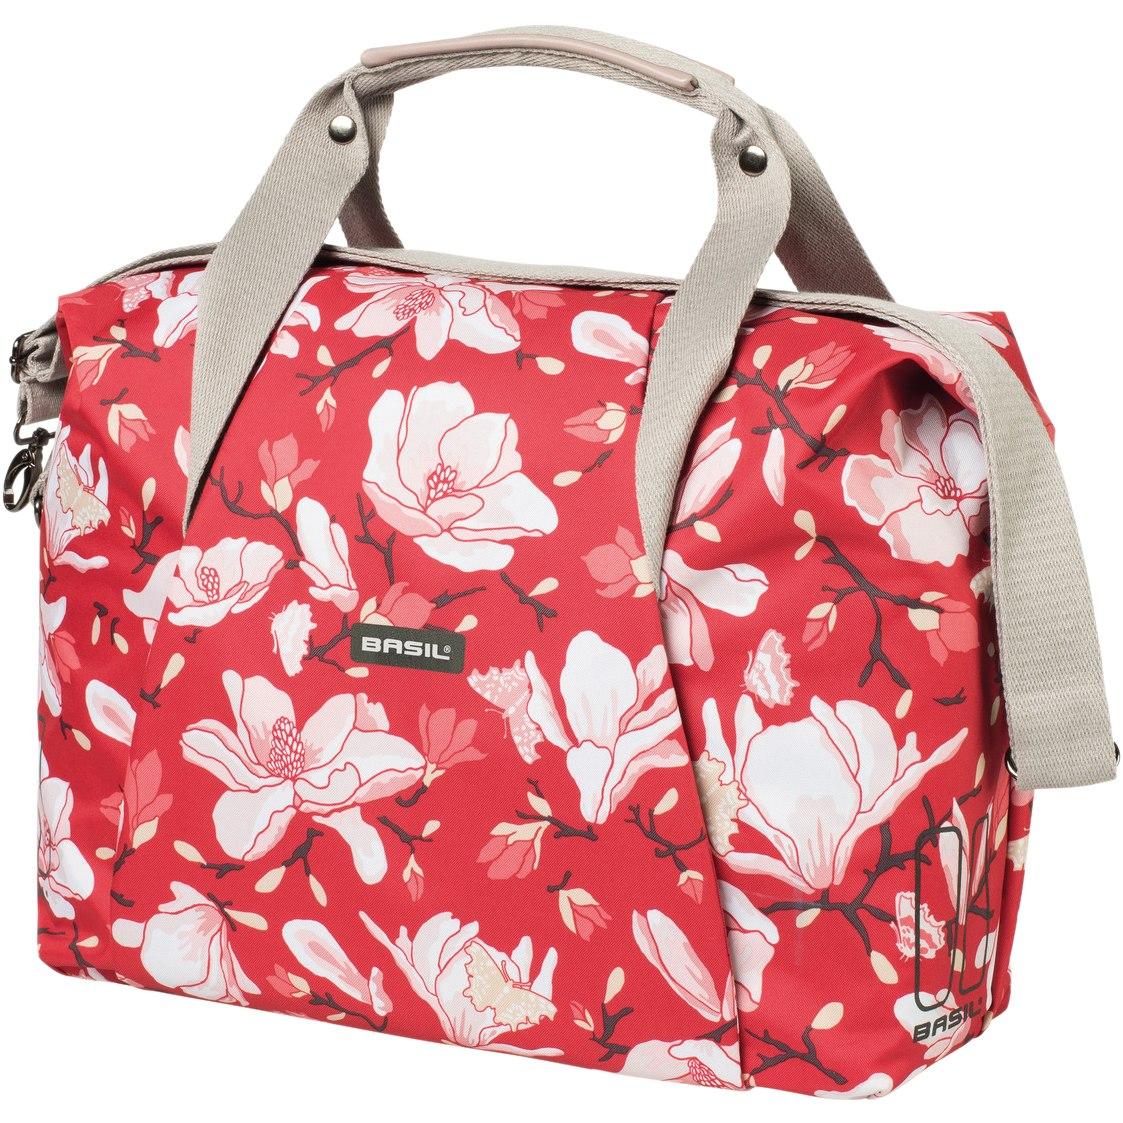 Basil Magnolia Carry All Bag - Shoulder / Carrier Bag - poppy red